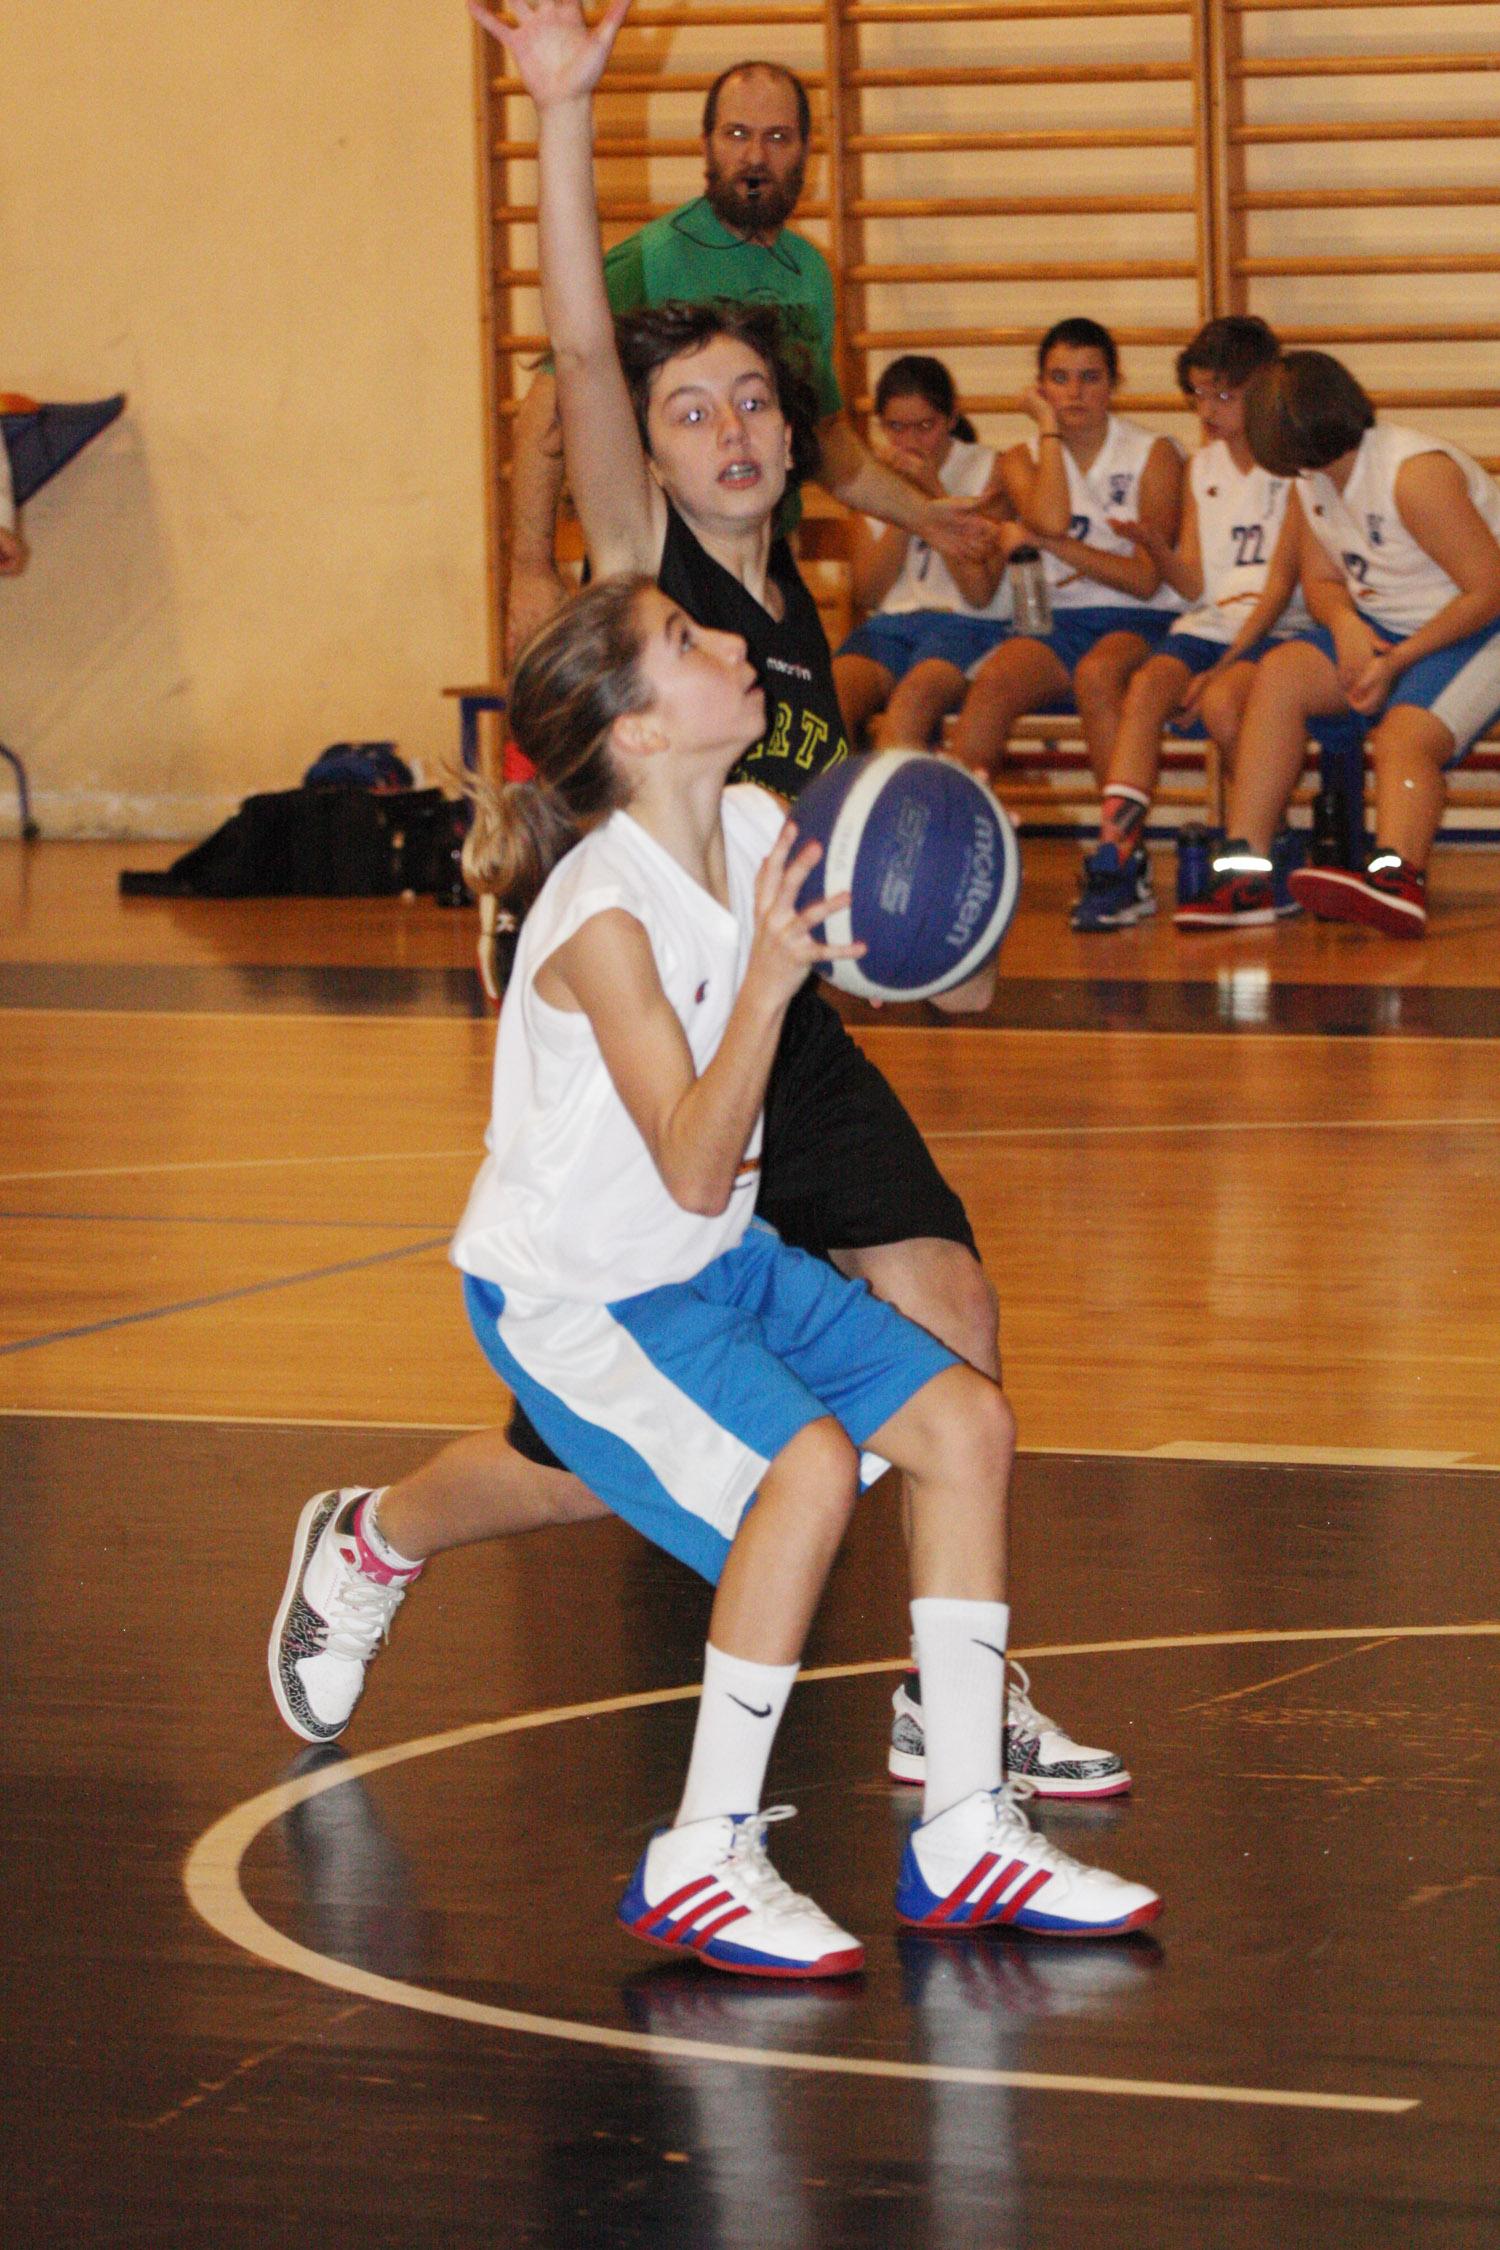 U13 - Baskettiamo Vittuone vs Carroccio Legnano 00026.jpg